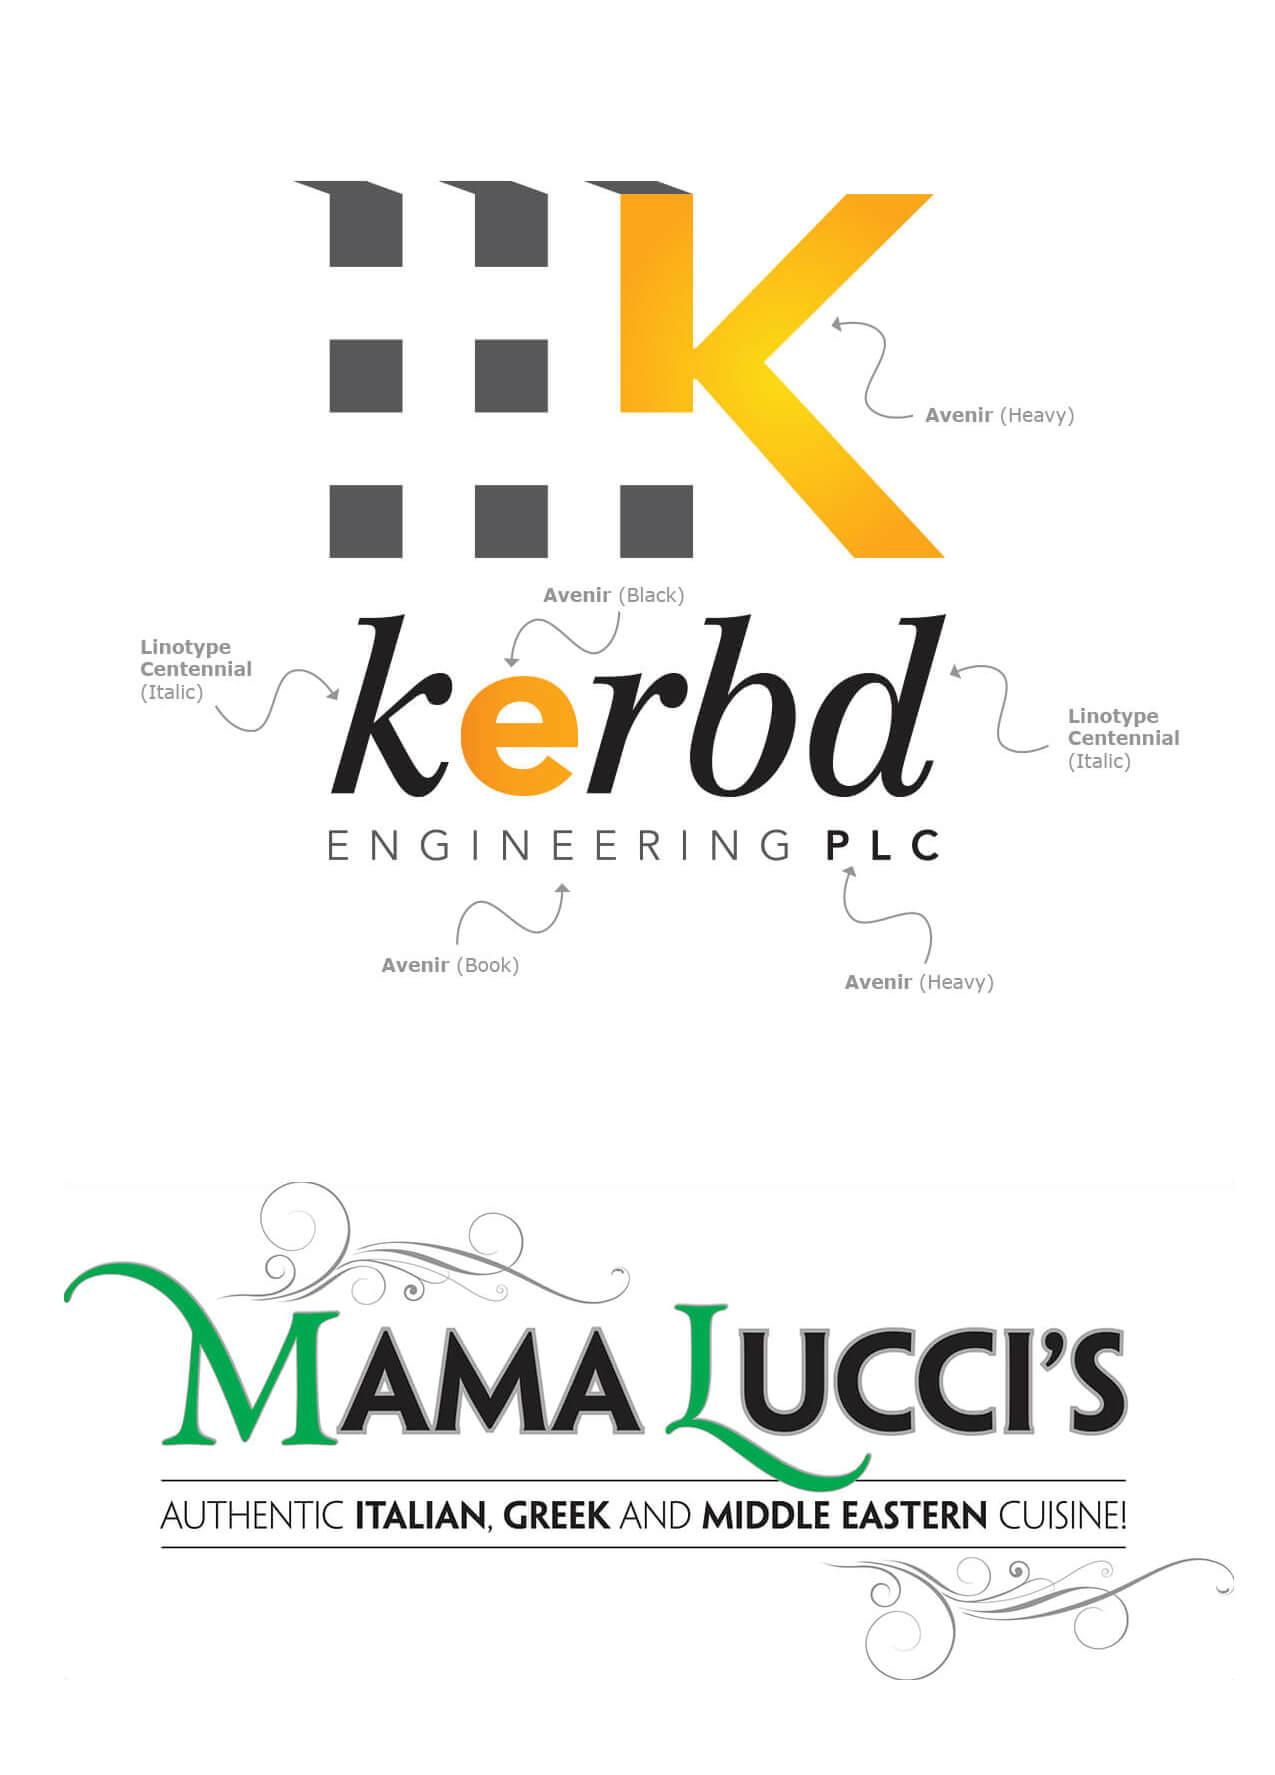 kerbd-ml-logos